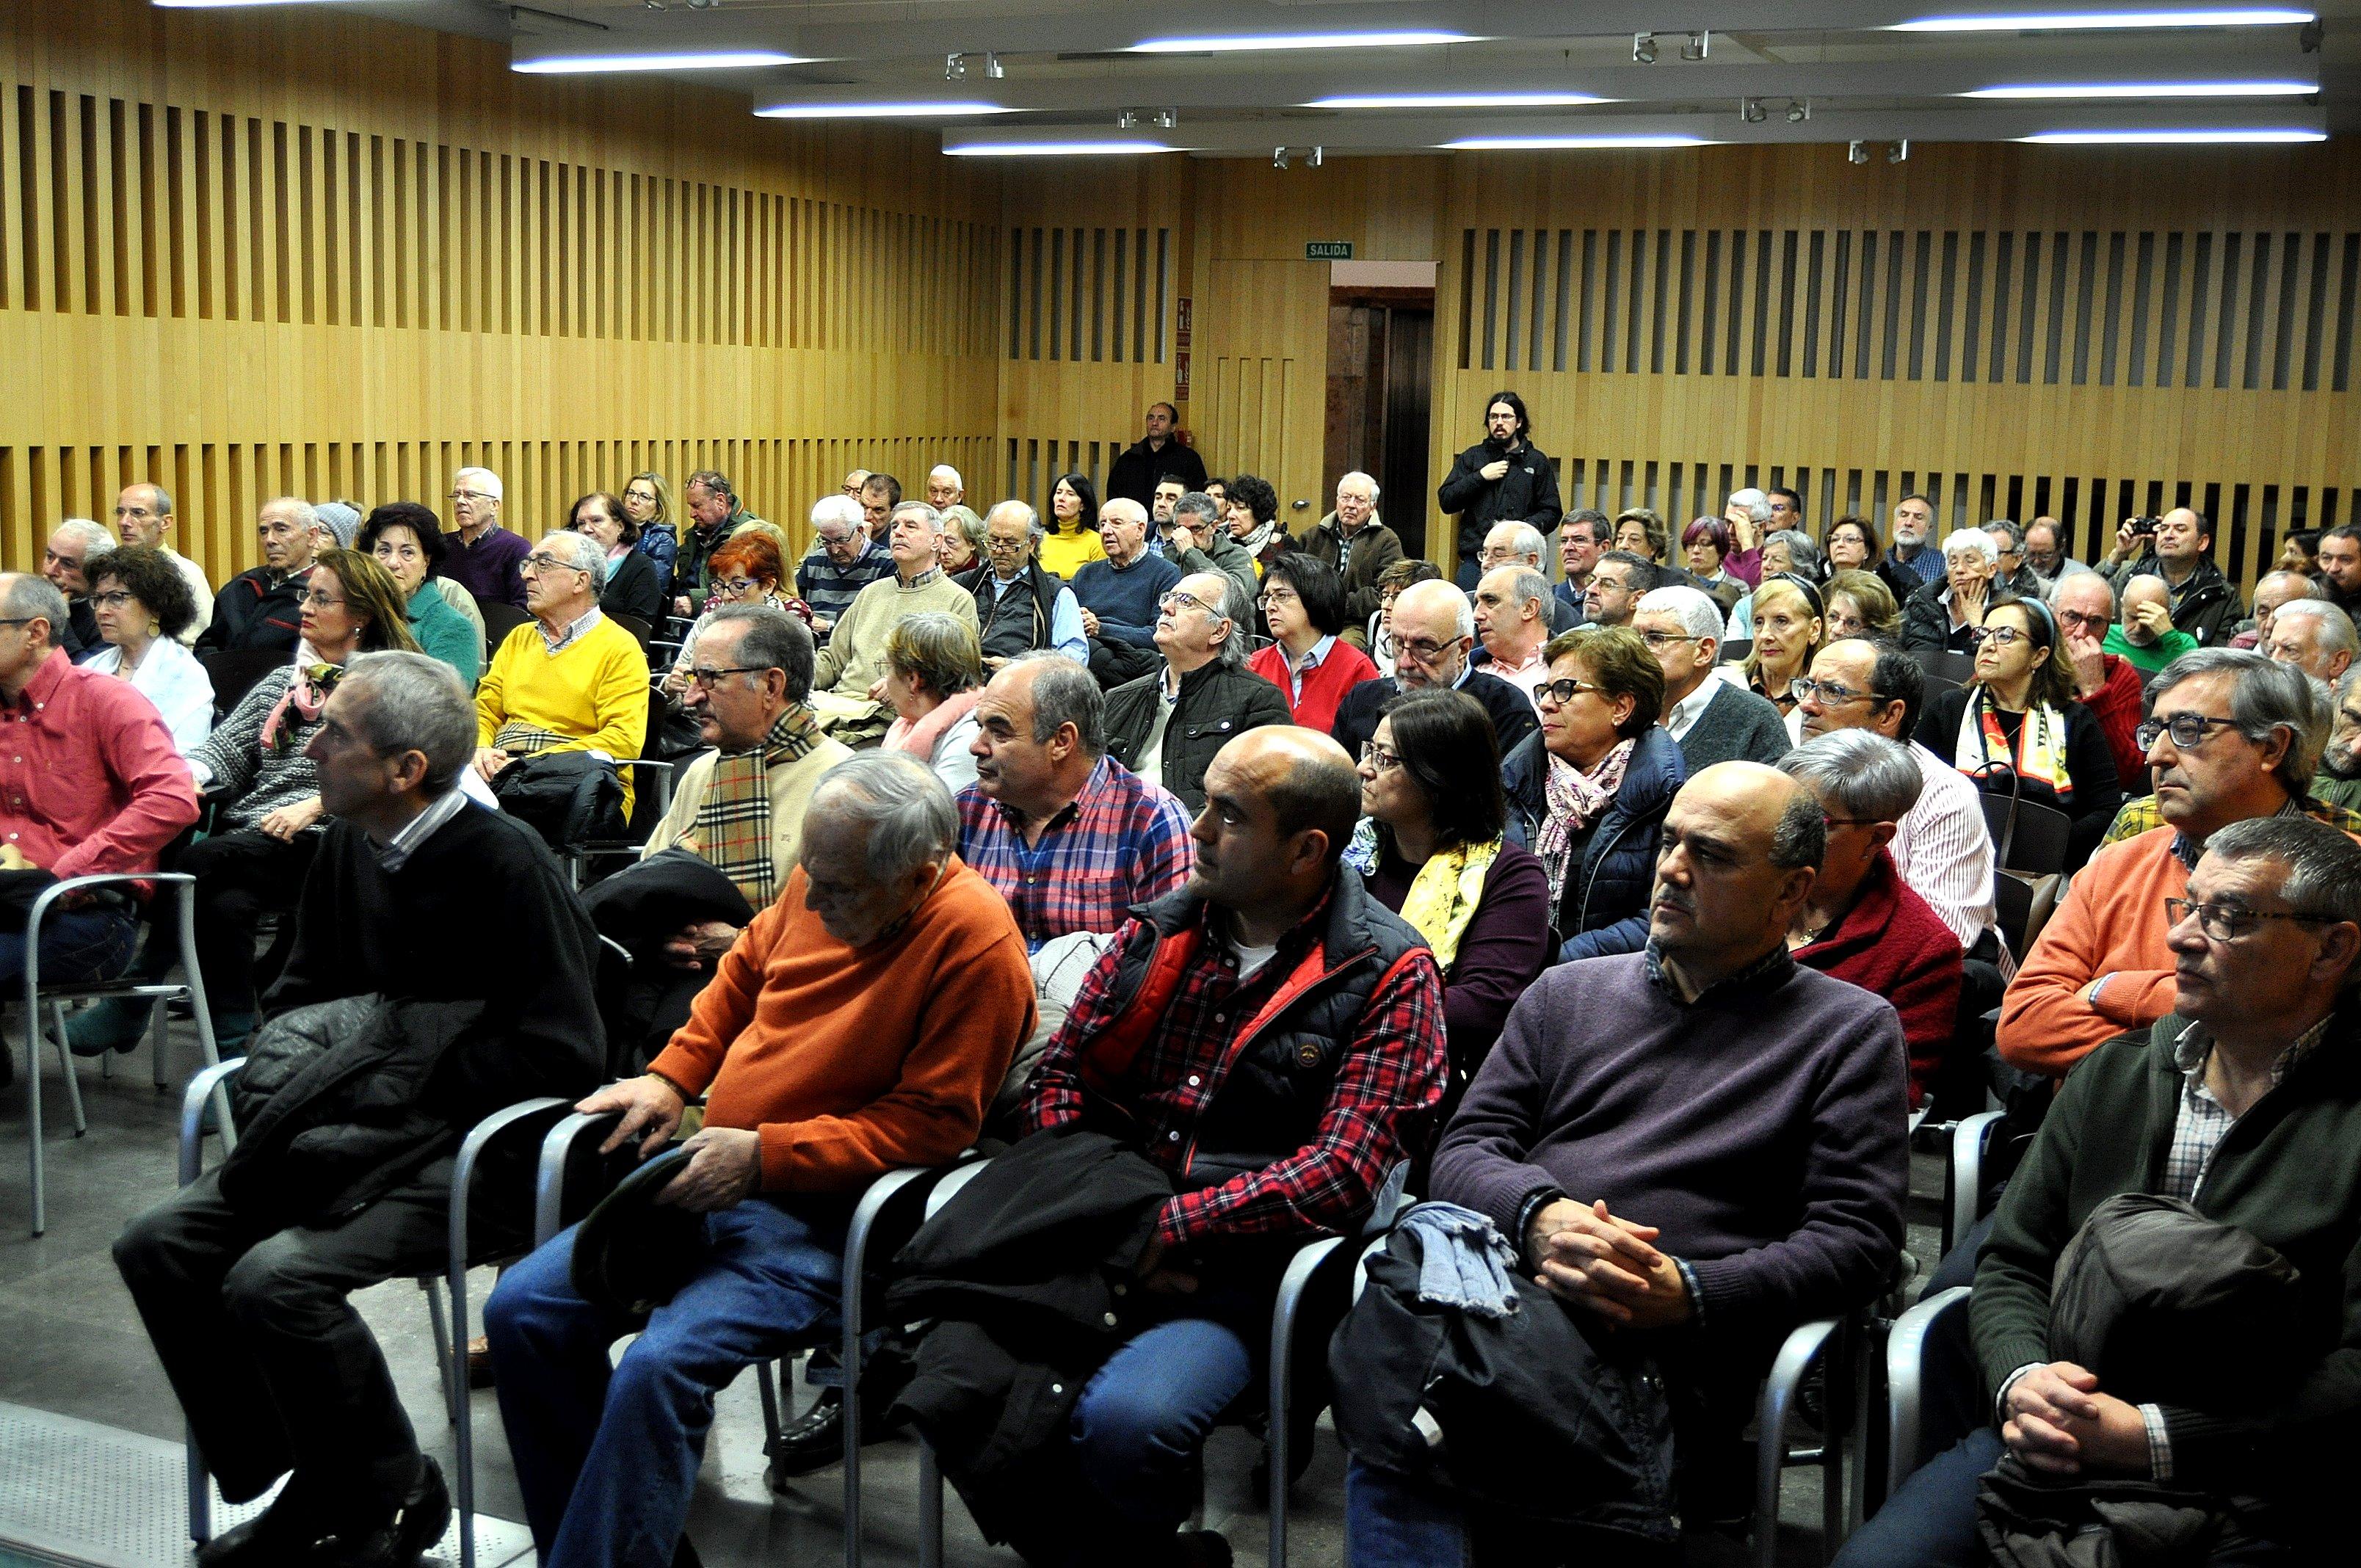 El público llenó la sala.